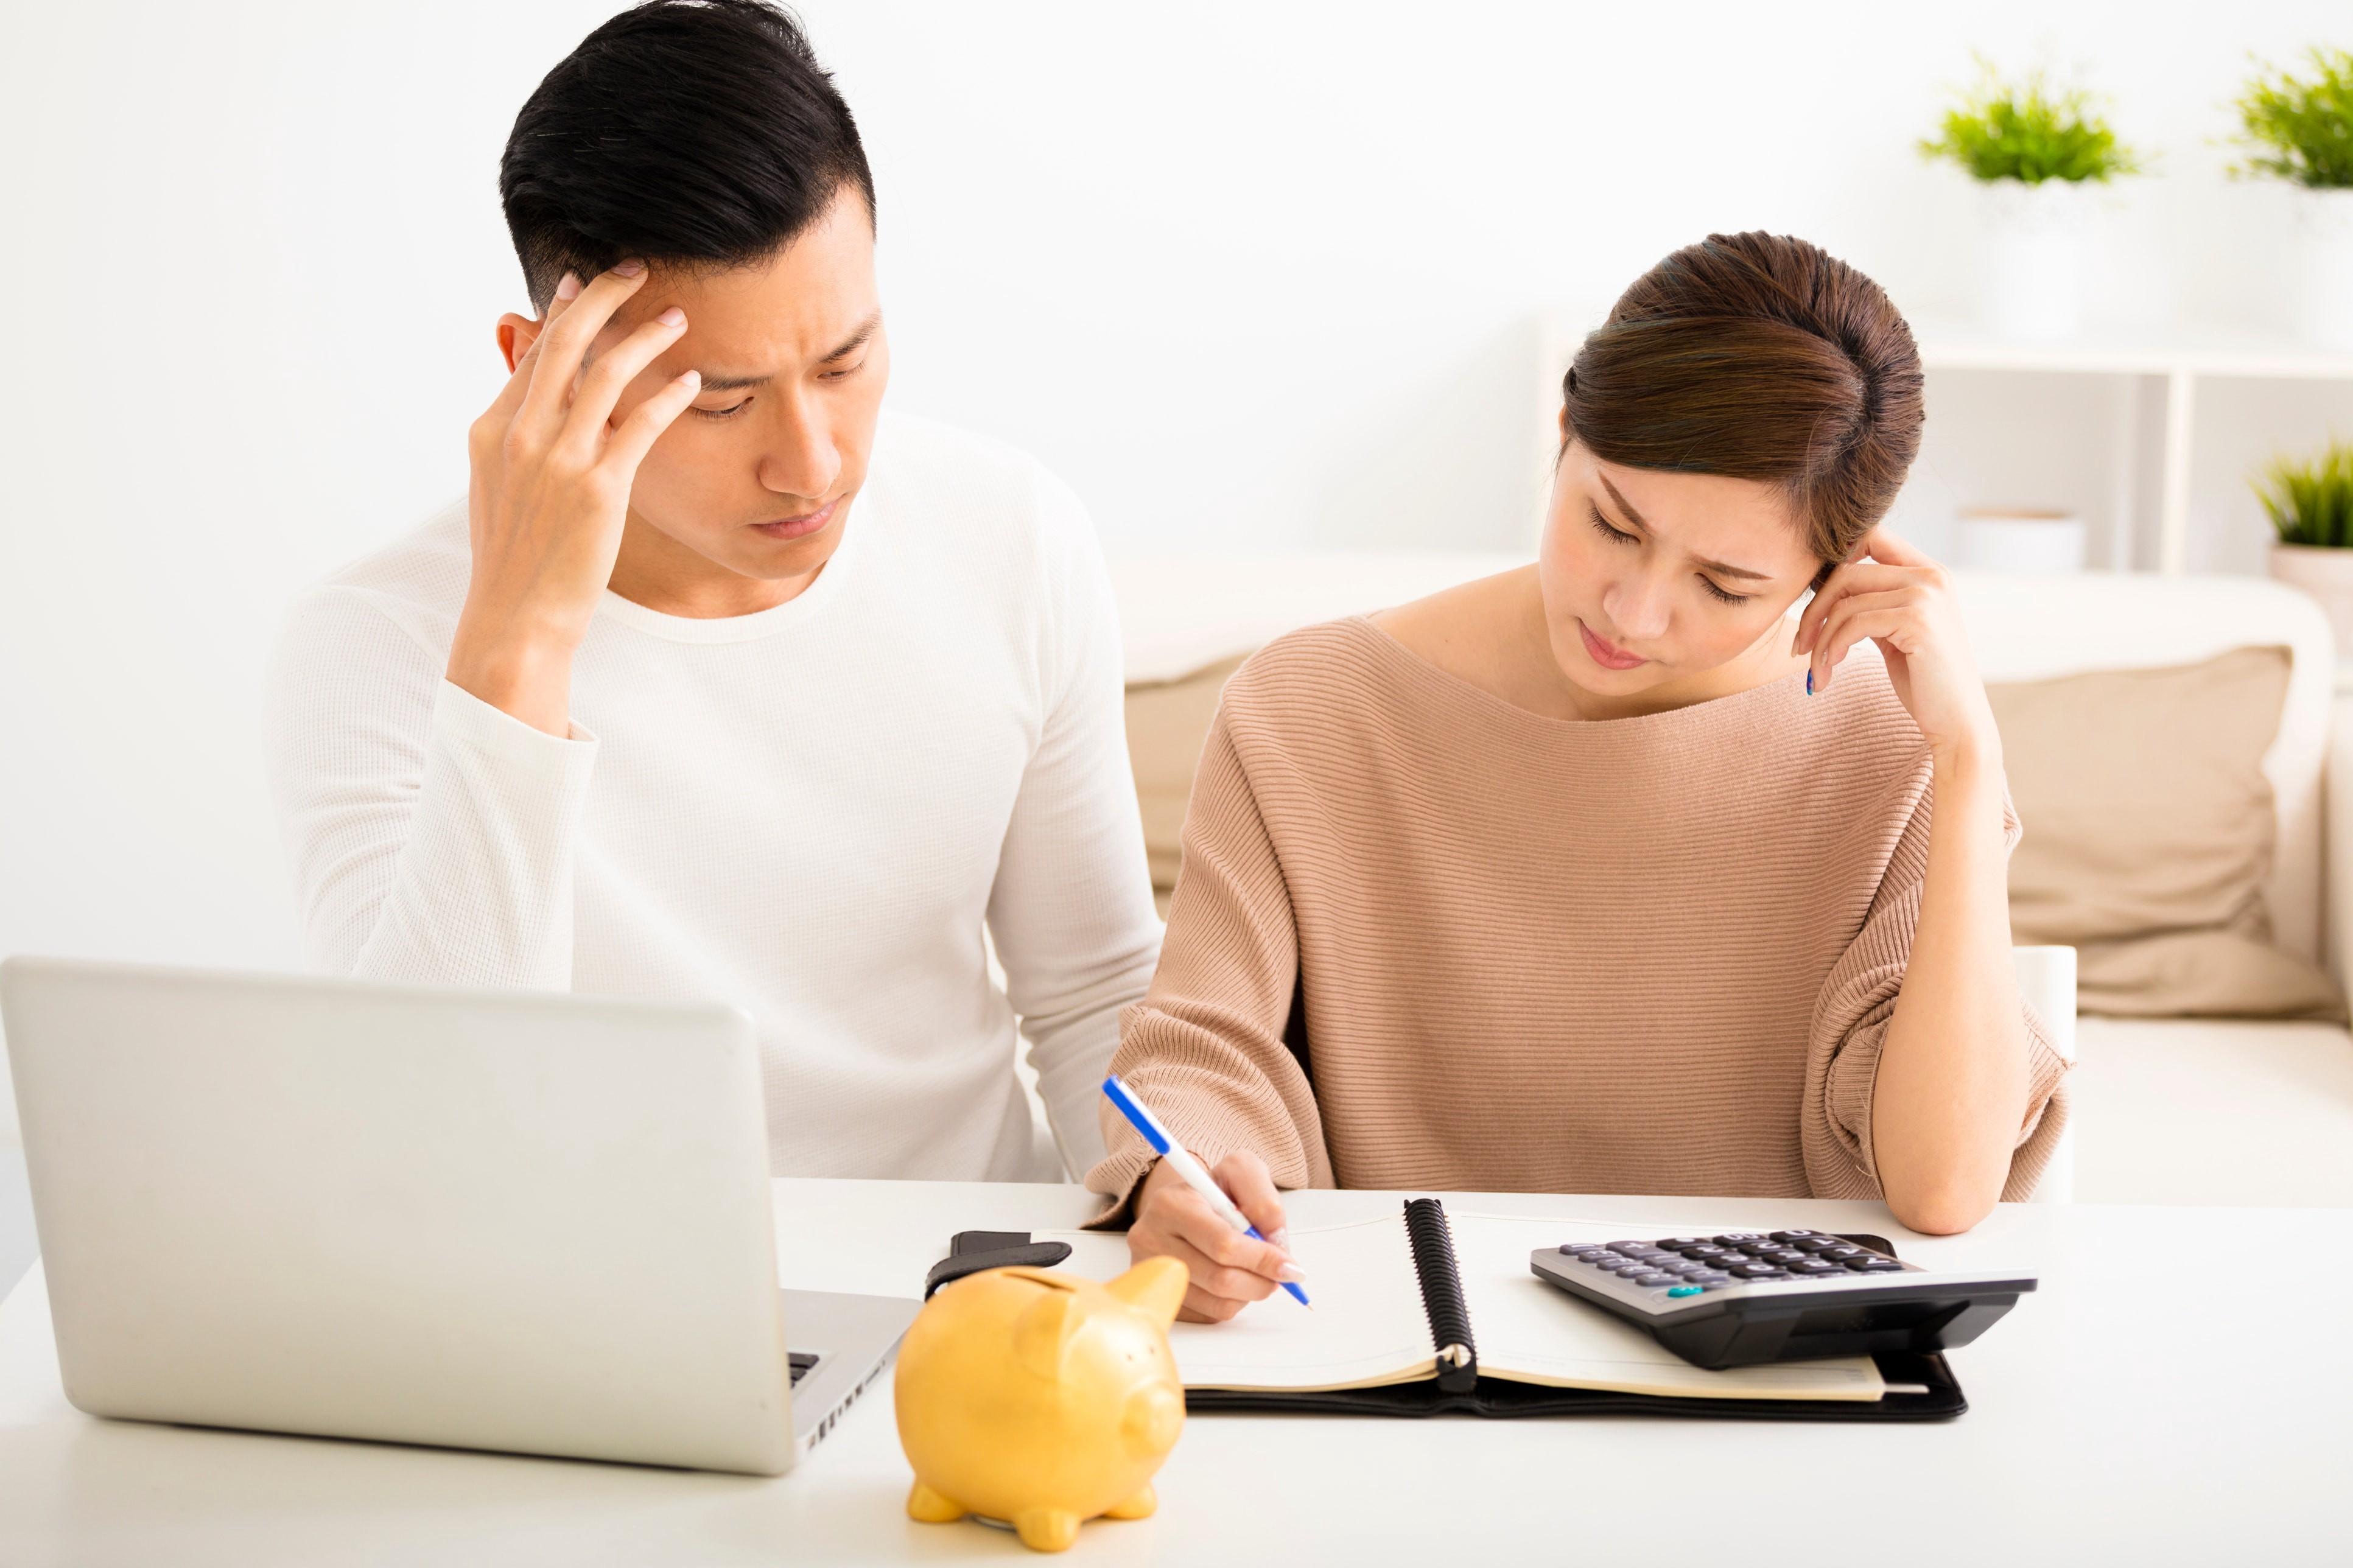 6 sai lầm trong quản lý tài chính gia đình các cặp vợ chồng trẻ hay mắc phải